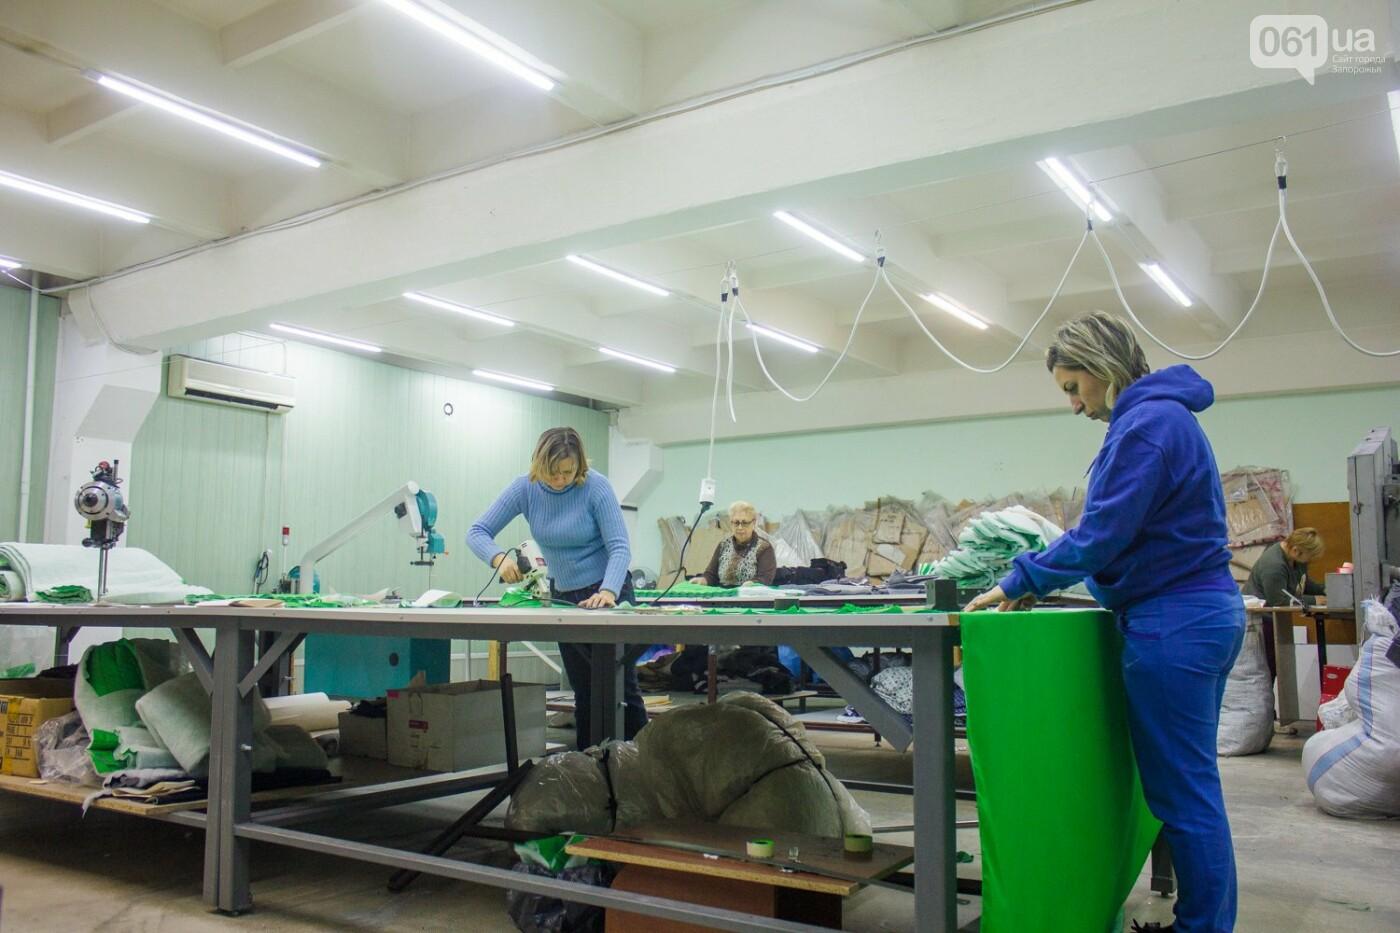 Как в Запорожье шьют мужское белье: экскурсия на трикотажную фабрику, – ФОТОРЕПОРТАЖ, фото-15